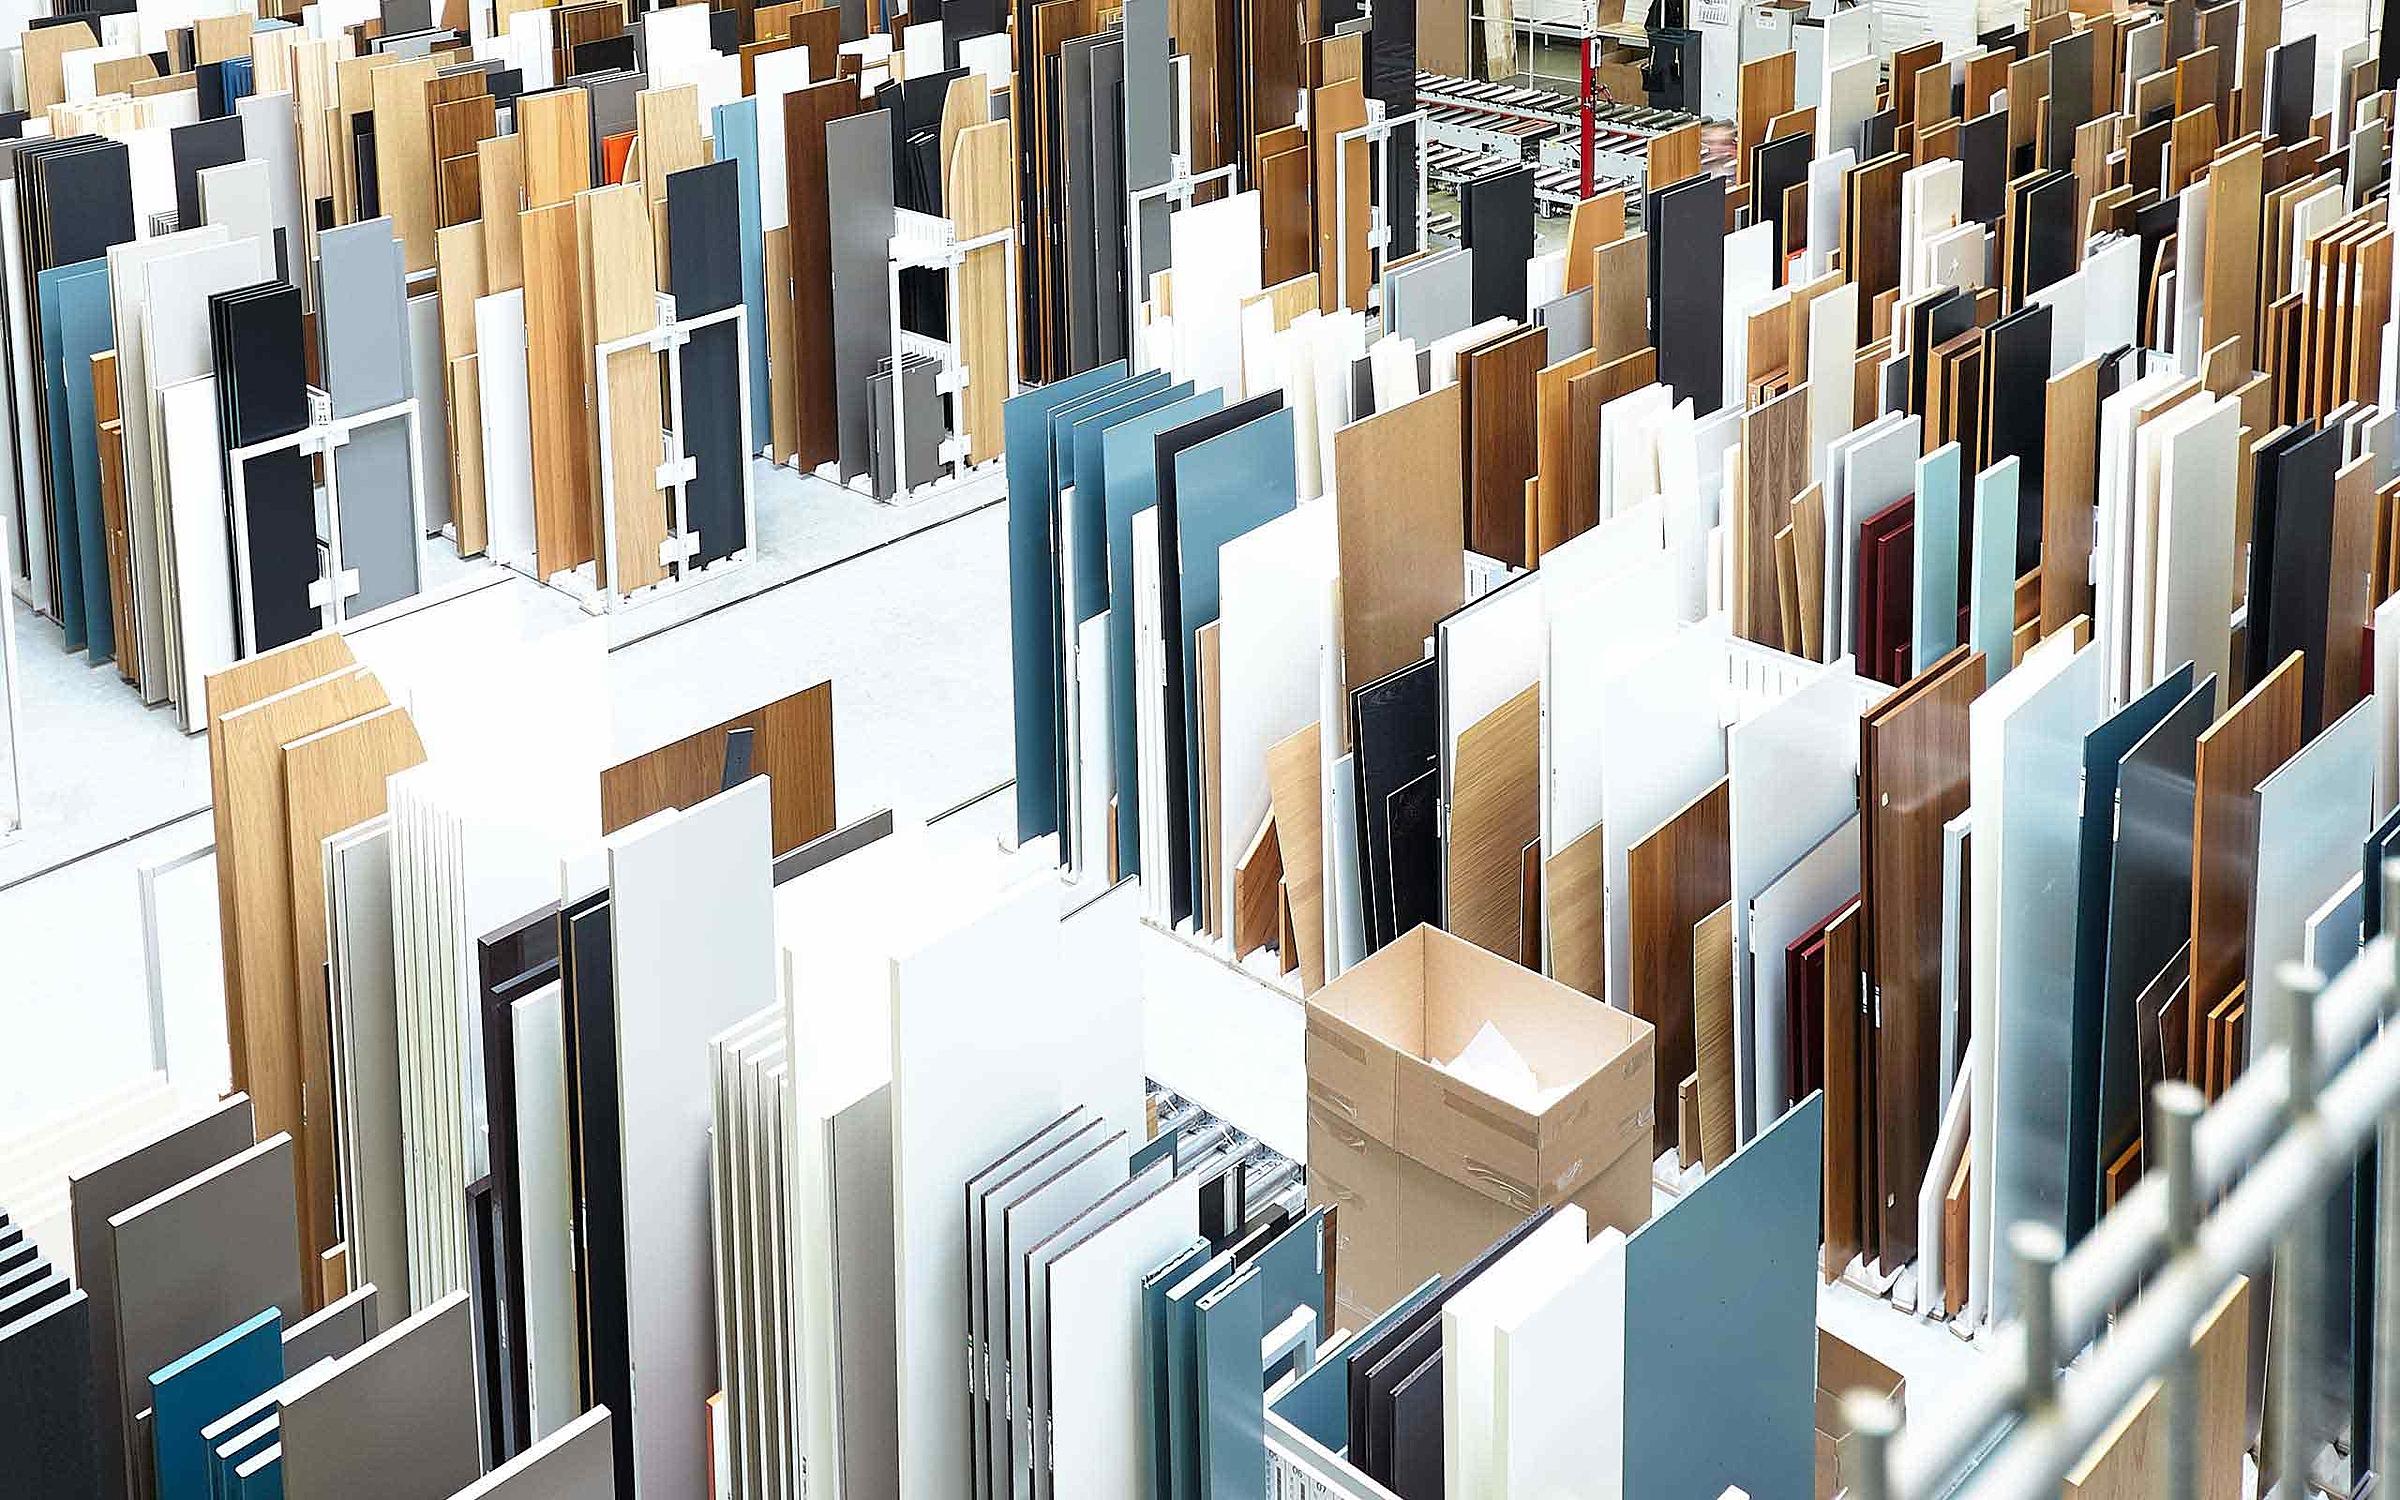 Produktion Möbel Lack Furnier Massiv